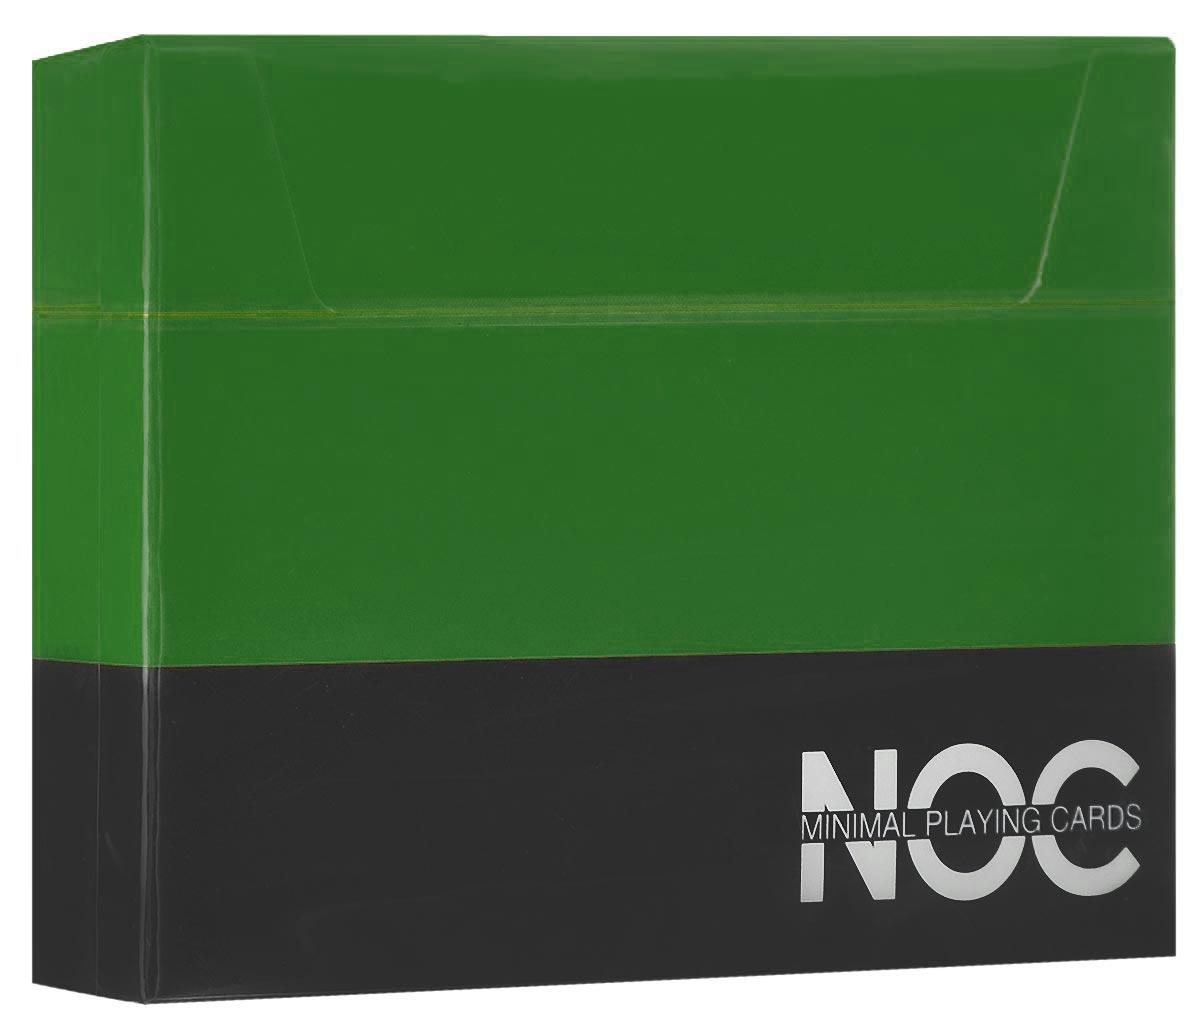 Игральные карты HOPC NOC V3 Deck, цвет: зеленыйК-357Яркая, простая и элегантная колода HOPC NOC V3 Deck из серии минималистических карт прекрасно подойдет для любых целей! С каждым изданием авторы карт NOC стараются сделать их лучше и лучше. Дизайн NOC V3 включает в себя самое необходимое, без лишних деталей. Колода имеет изумительный зеленый цвет рубашки, обведенный белой окантовкой. Игральные карты HOPC NOC V3 Deck отлично подойдут для фокусов, флоуришей и карточных игр.